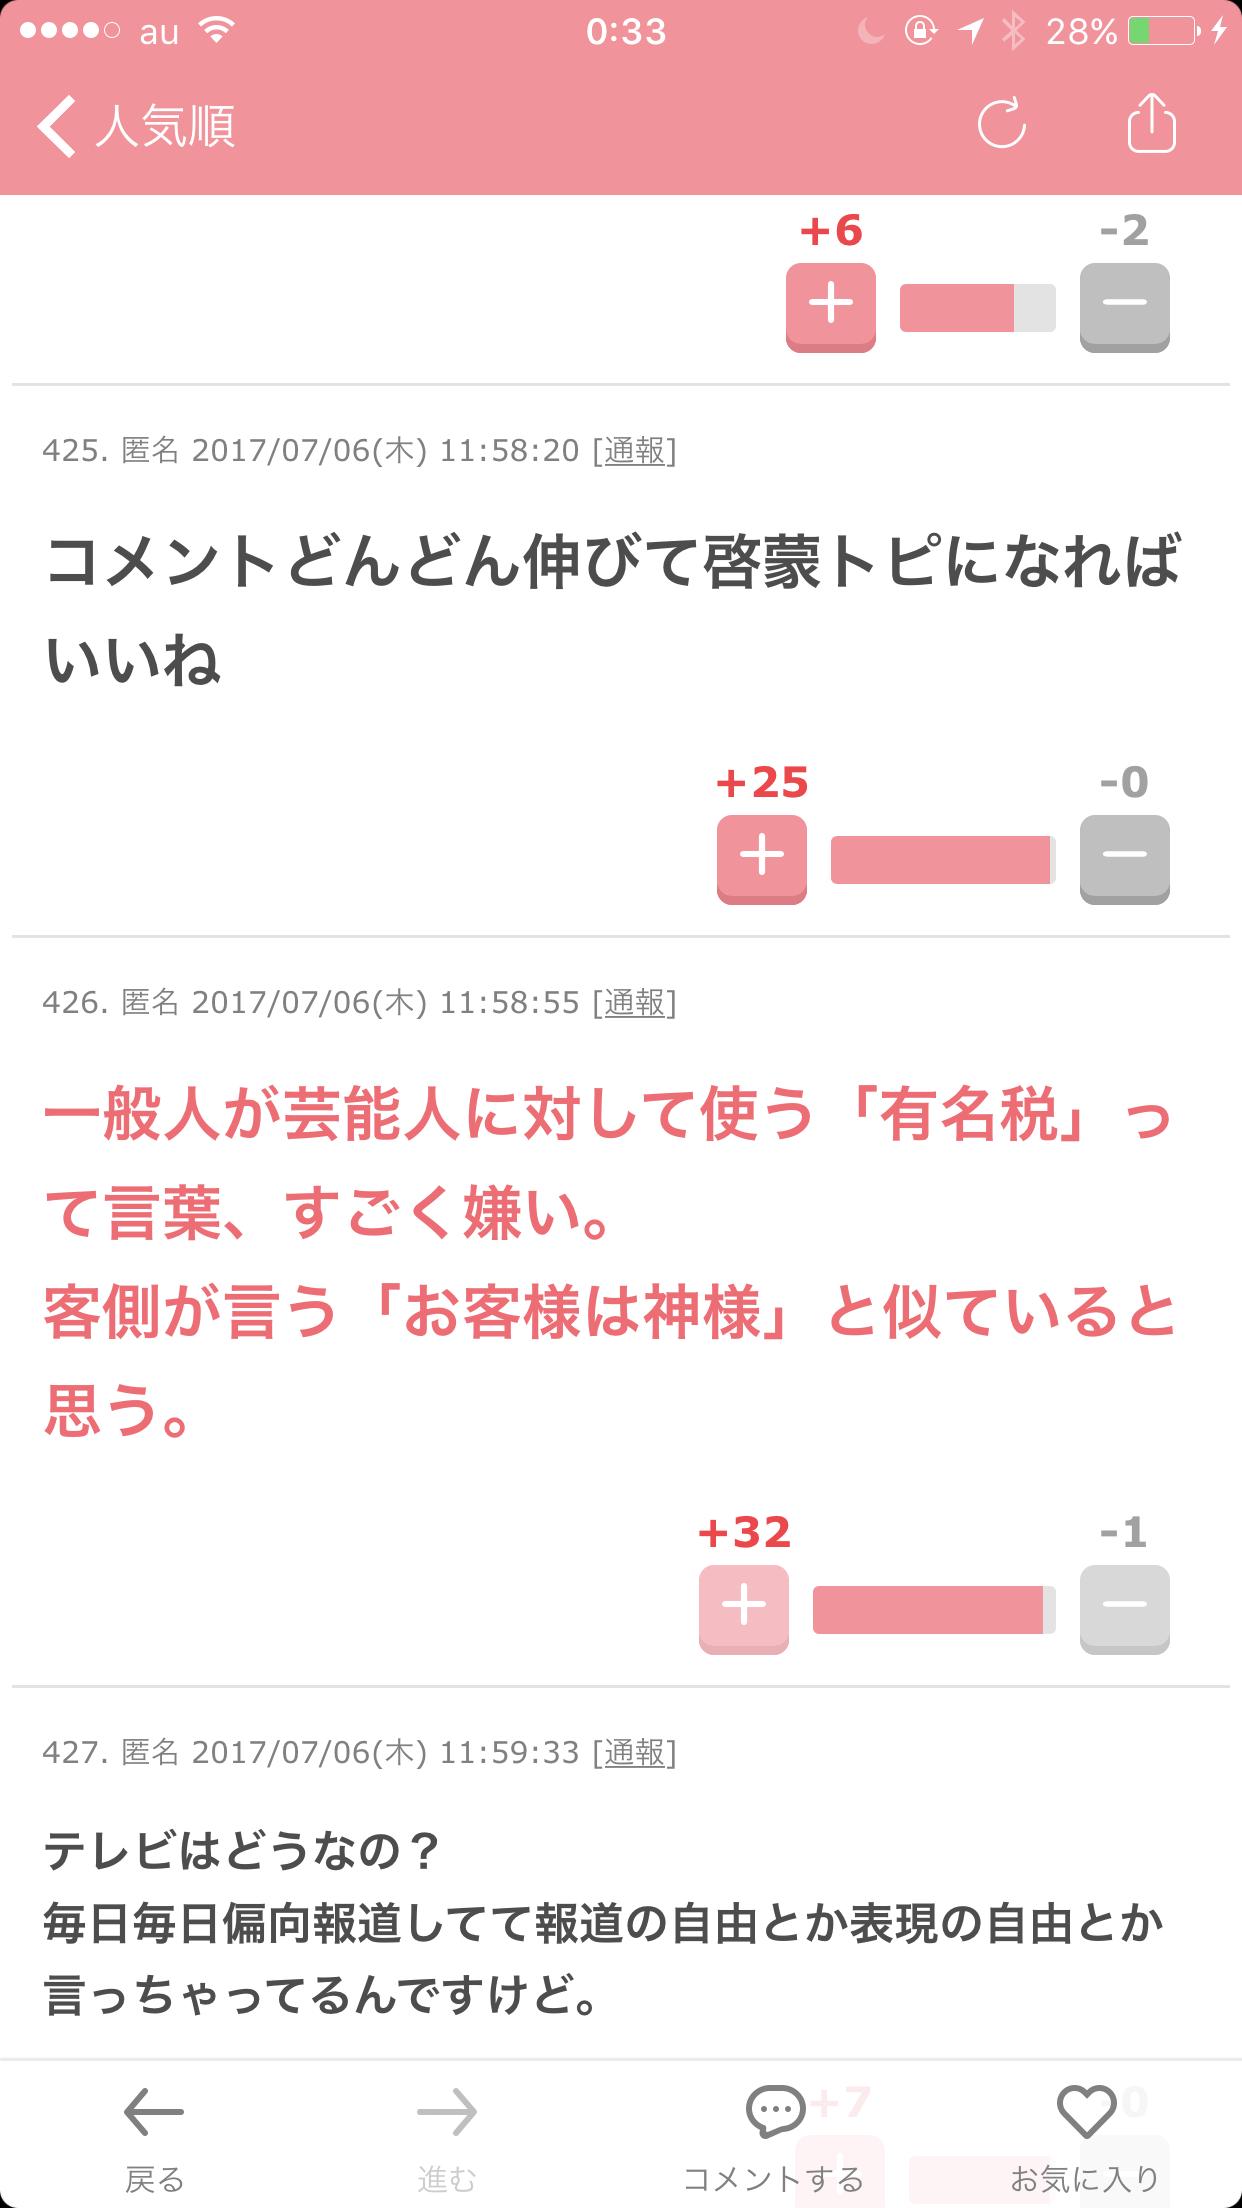 嵐・櫻井翔『先に生まれただけの僕』7%台に暴落…日テレ現場から